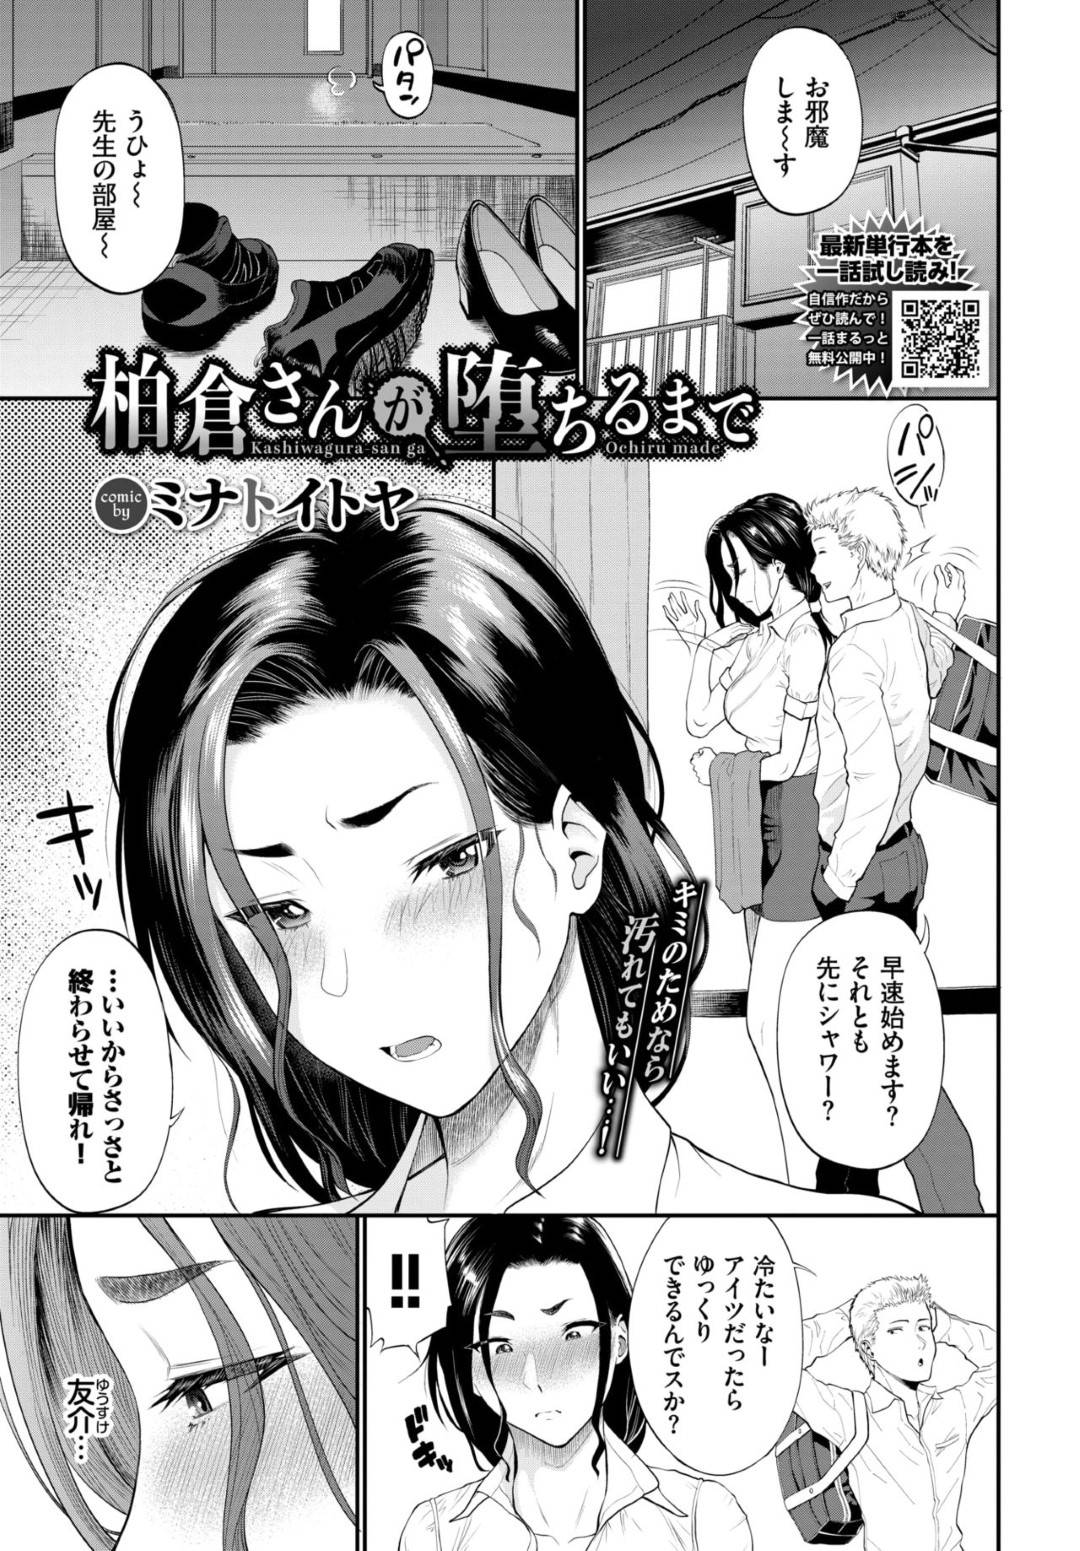 【先生寝取られエロ漫画】学校で彼氏生徒とセックスしている所を見られ脅された先生は、媚薬アロマが焚かれた部屋で生徒に責められ屈辱のアクメ【ミナトイトヤ】